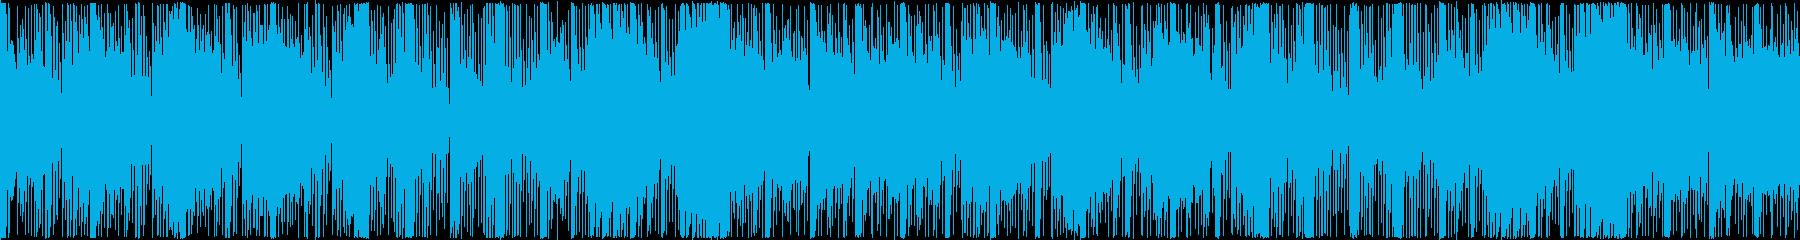 ホラー・緊迫したシーンの曲の再生済みの波形